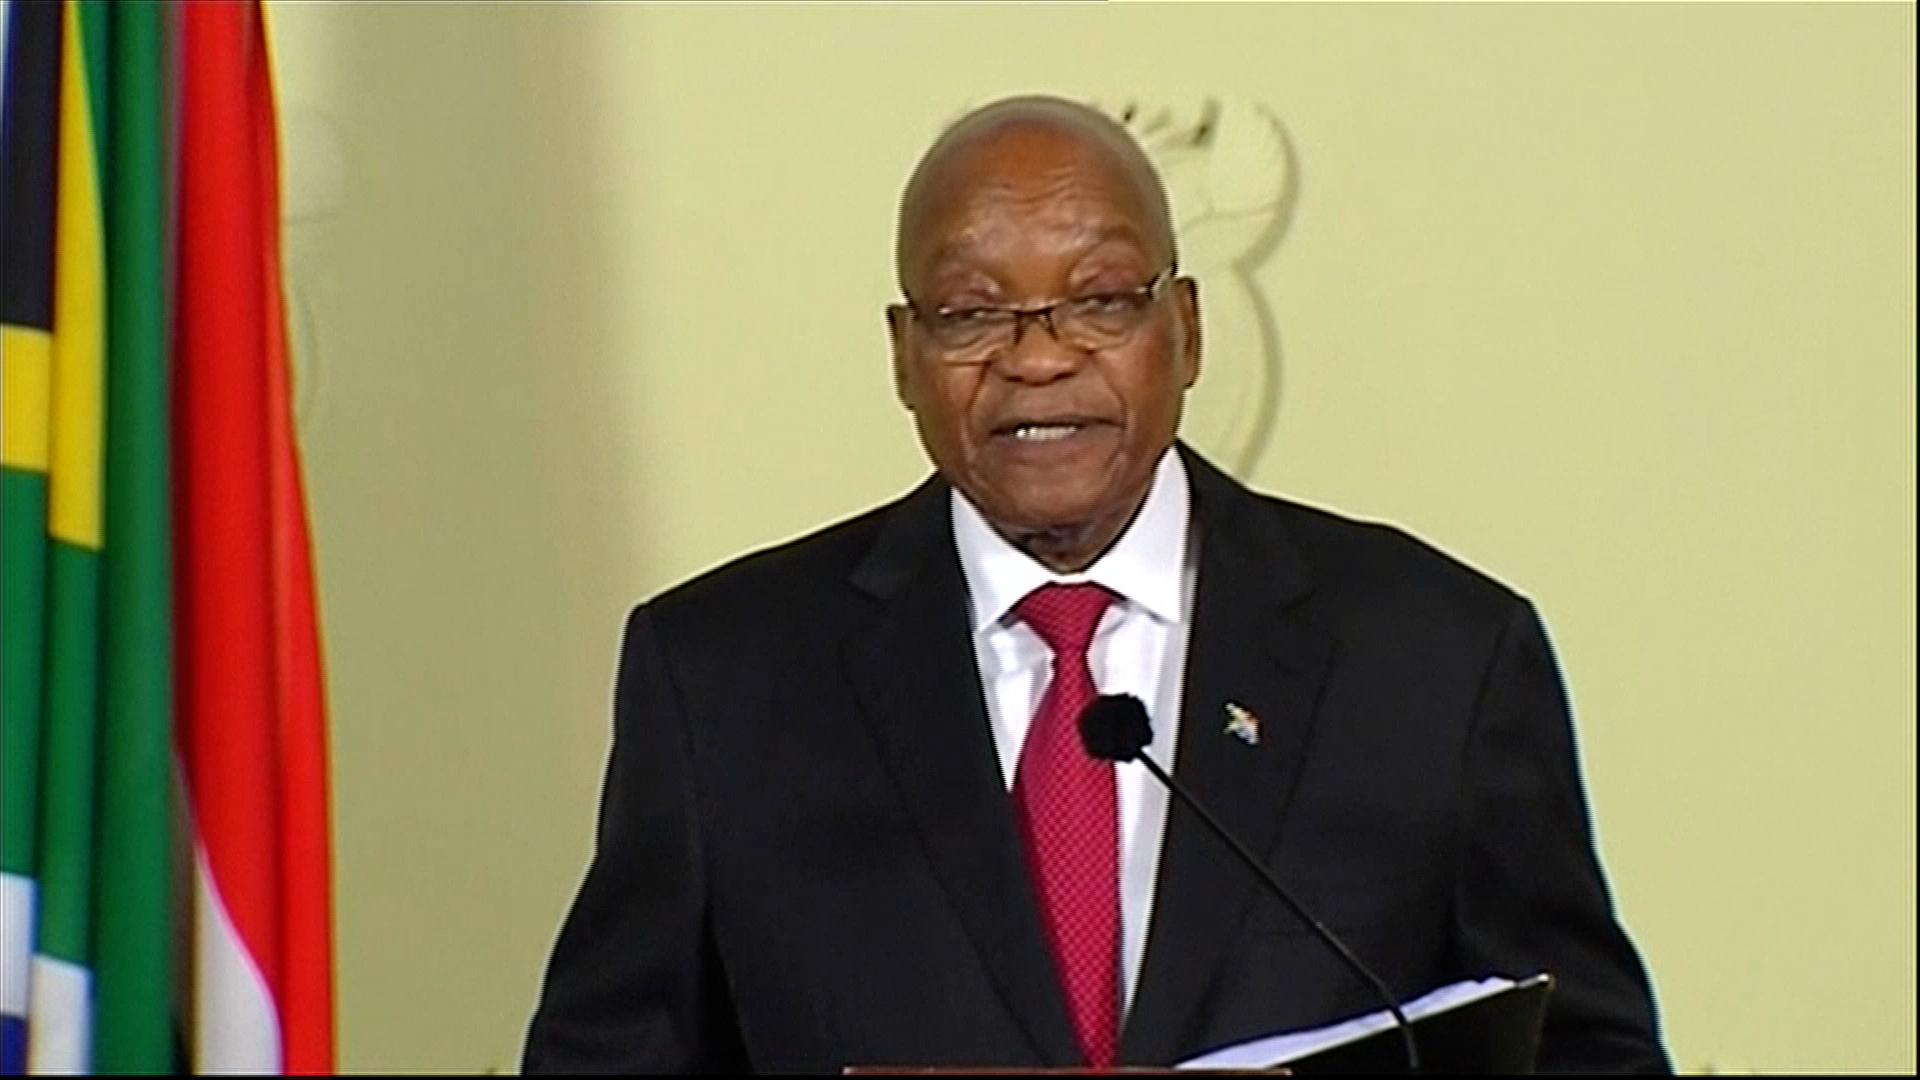 Jihoafrický prezident Jacob Zuma rezignoval na svou funkci s okamžitou platností